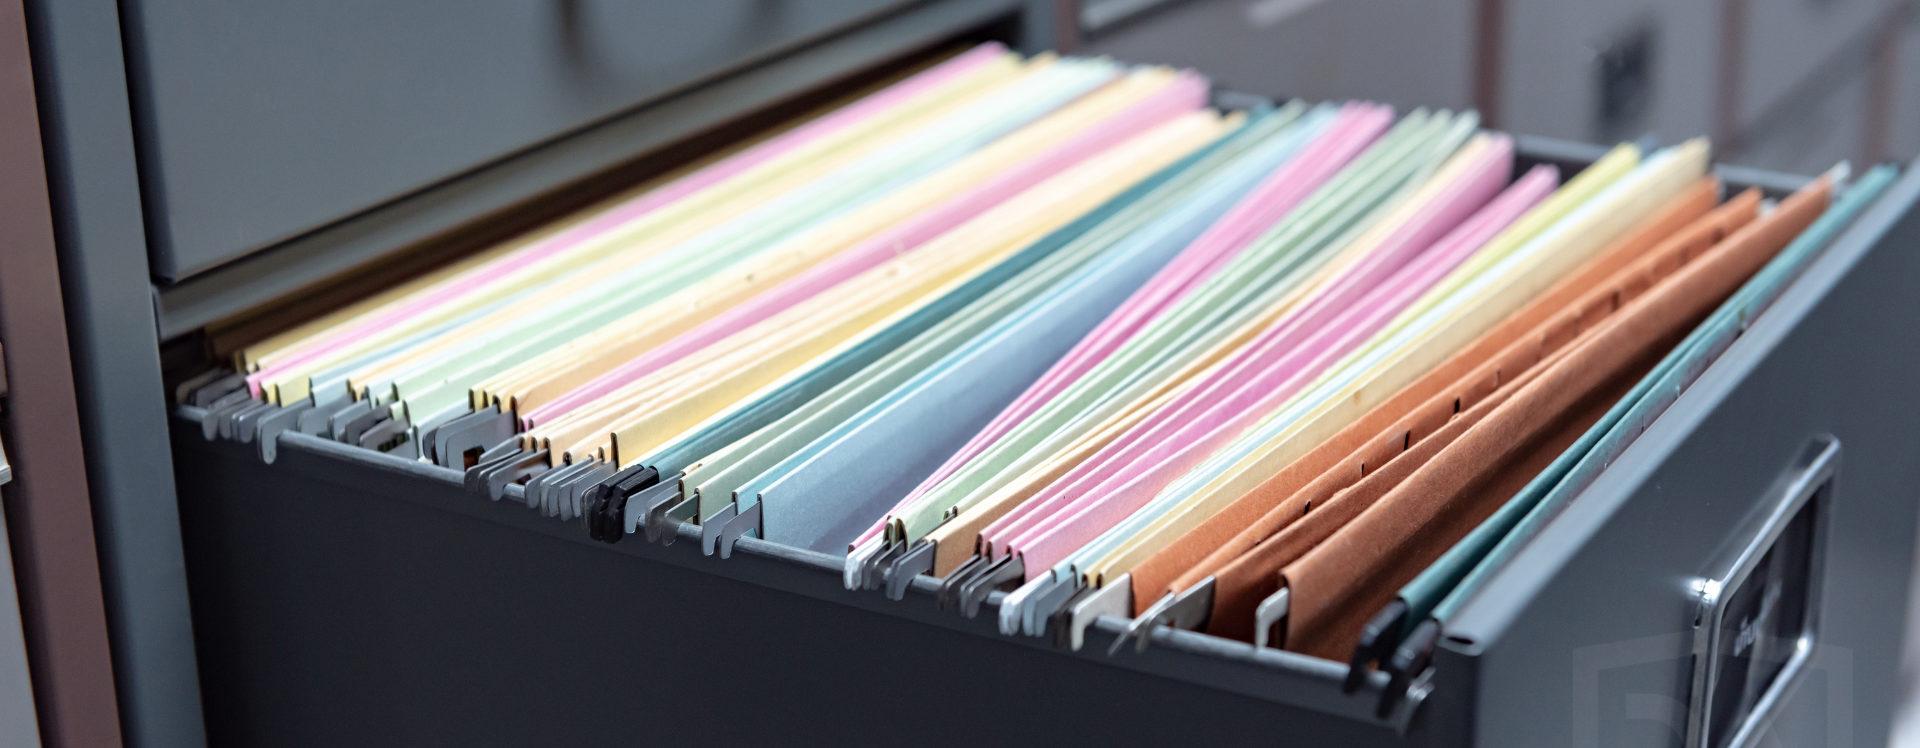 Dokumente-aspect-ratio-1026-400